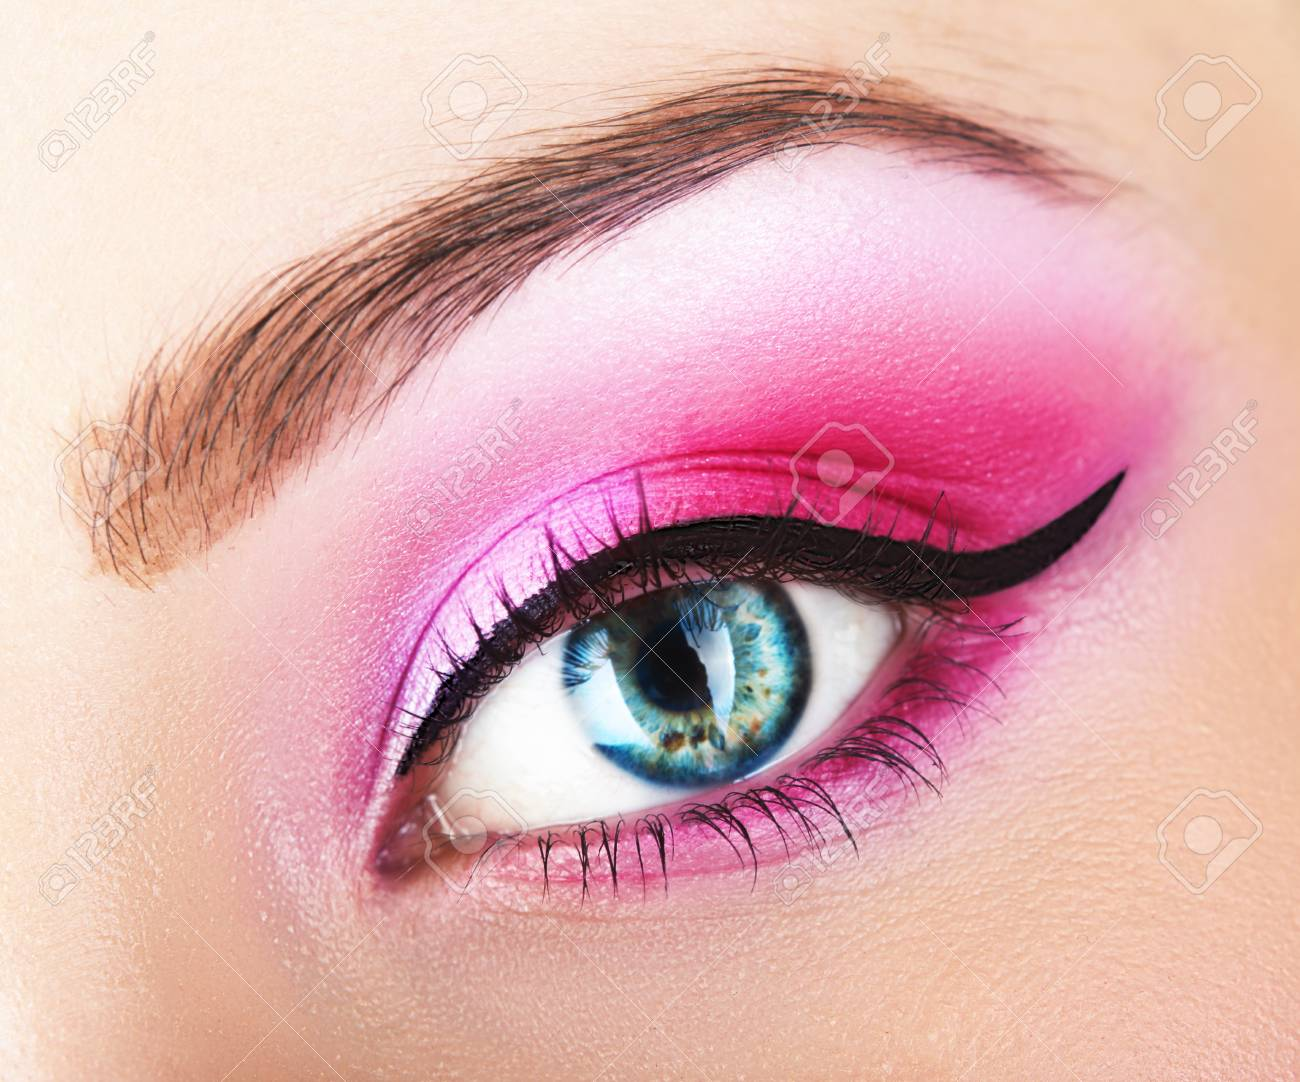 Ojos Magicos Ves Hermosa Con Maquillaje De Color Rosa Brillante Macro Fotos Retratos Imagenes Y Fotografia De Archivo Libres De Derecho Image 65893677